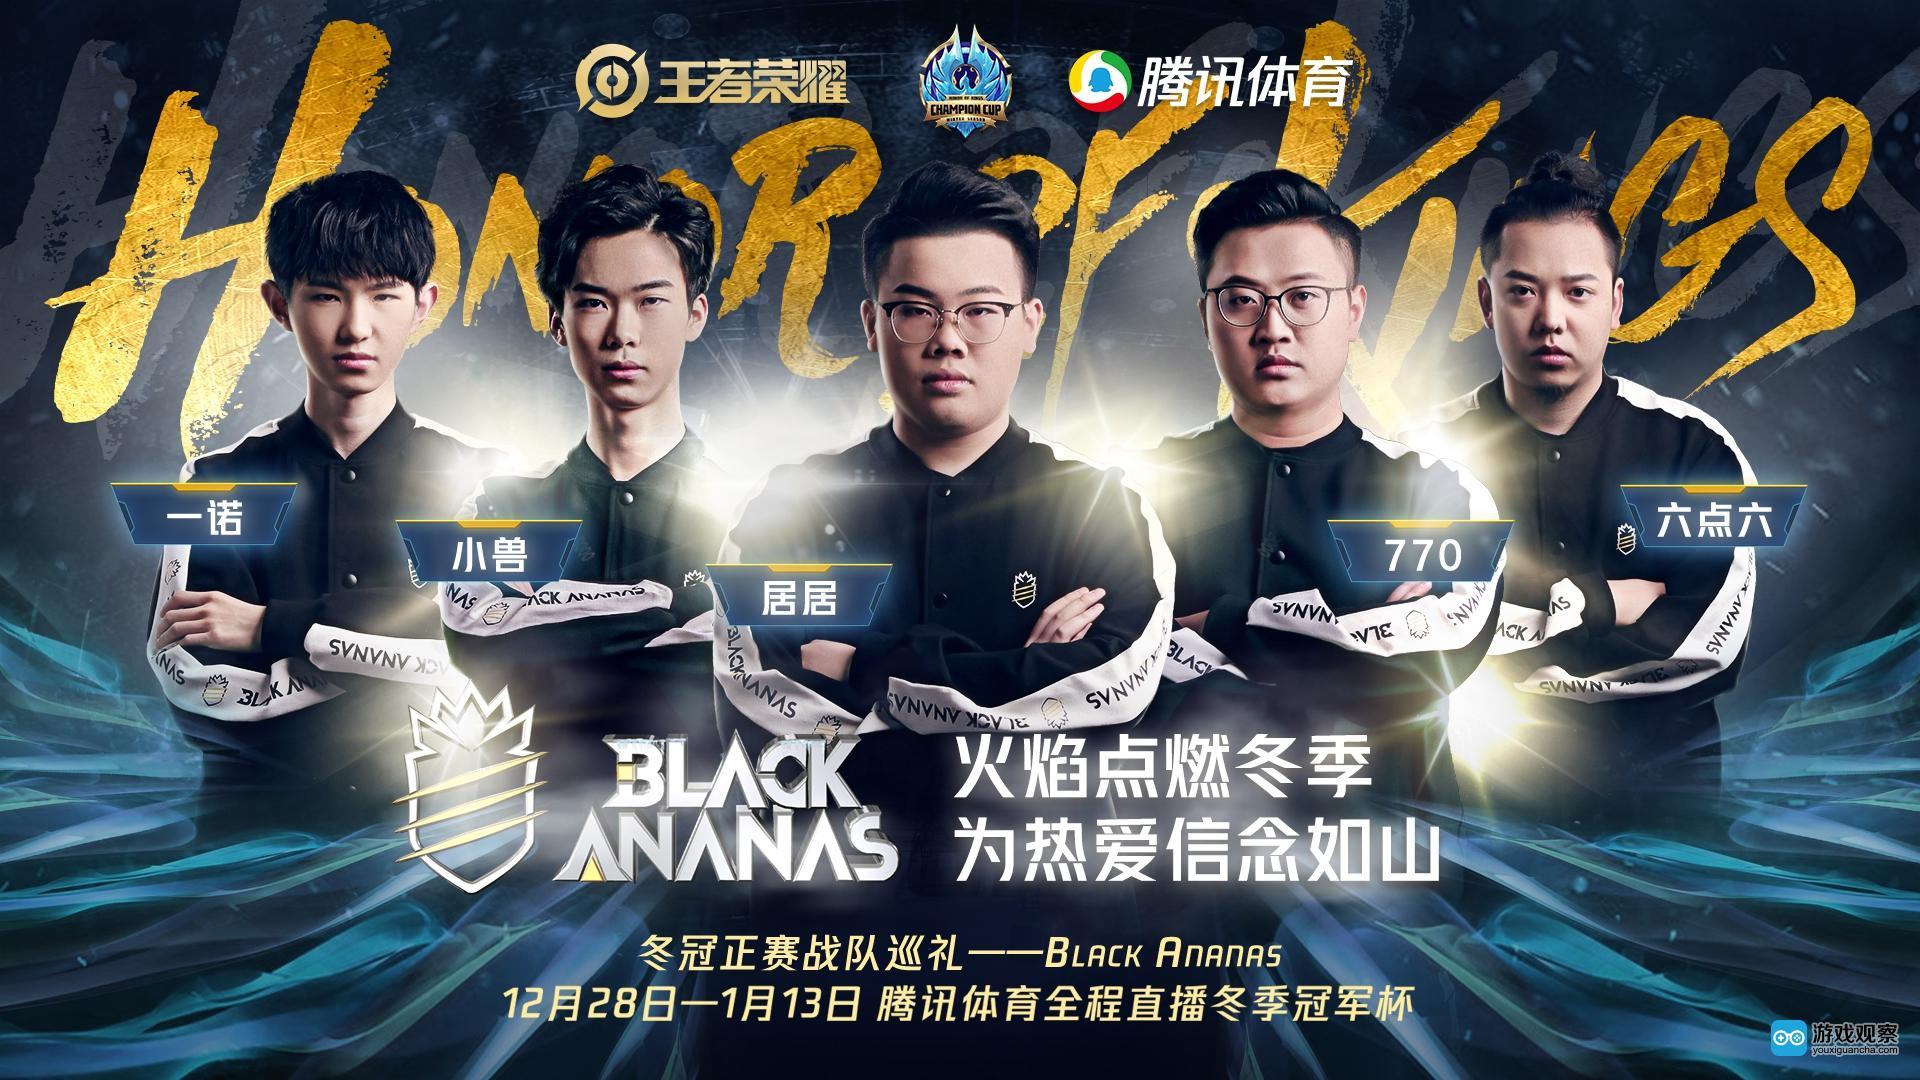 王者荣耀冬季冠军杯首秀 腾讯体育打造全民电竞盛典